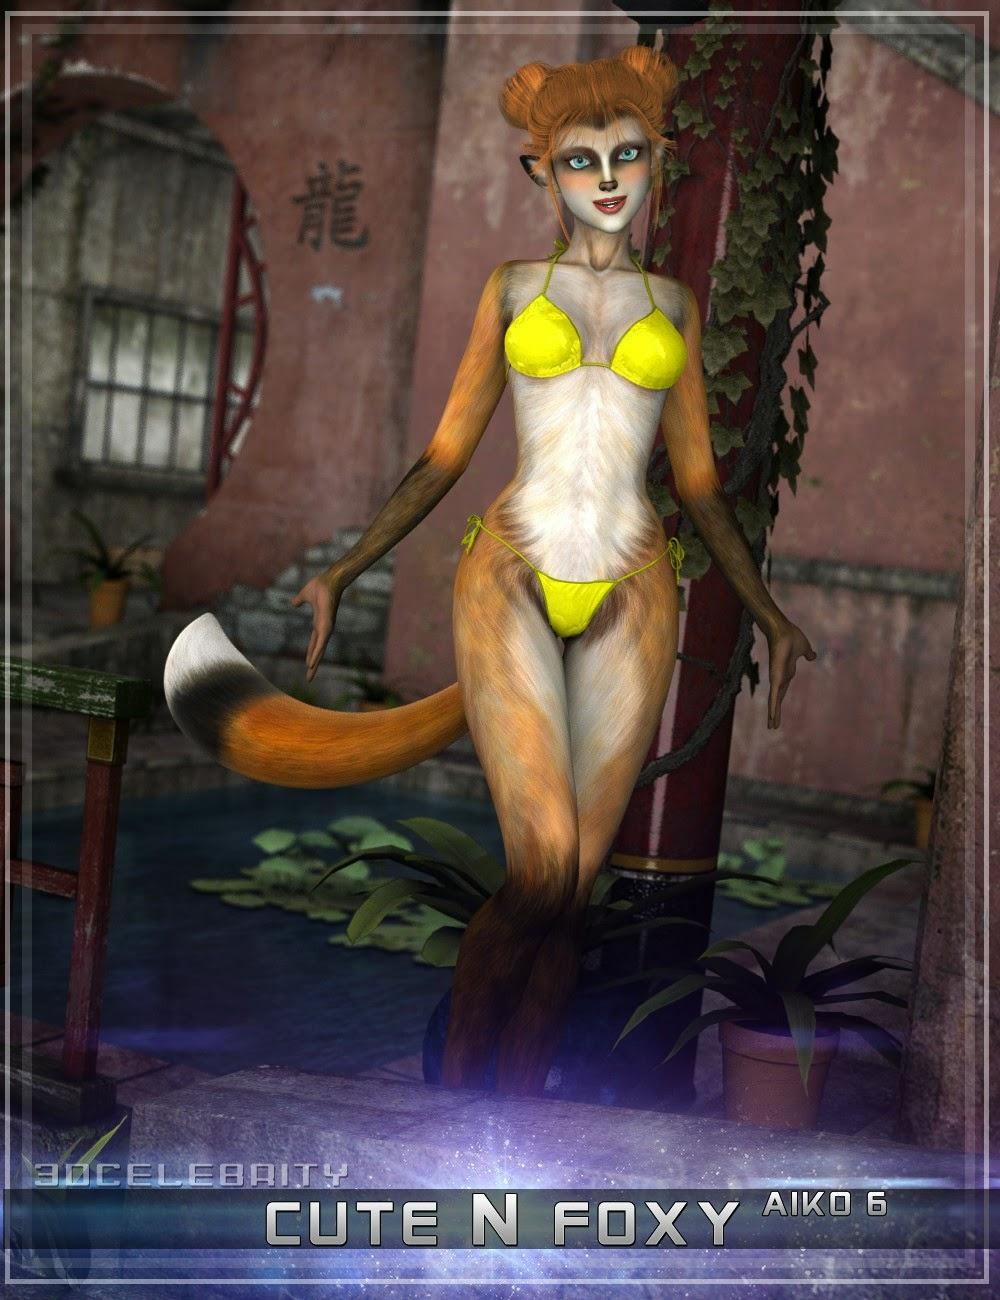 N Foxy mignon pour Aiko 6